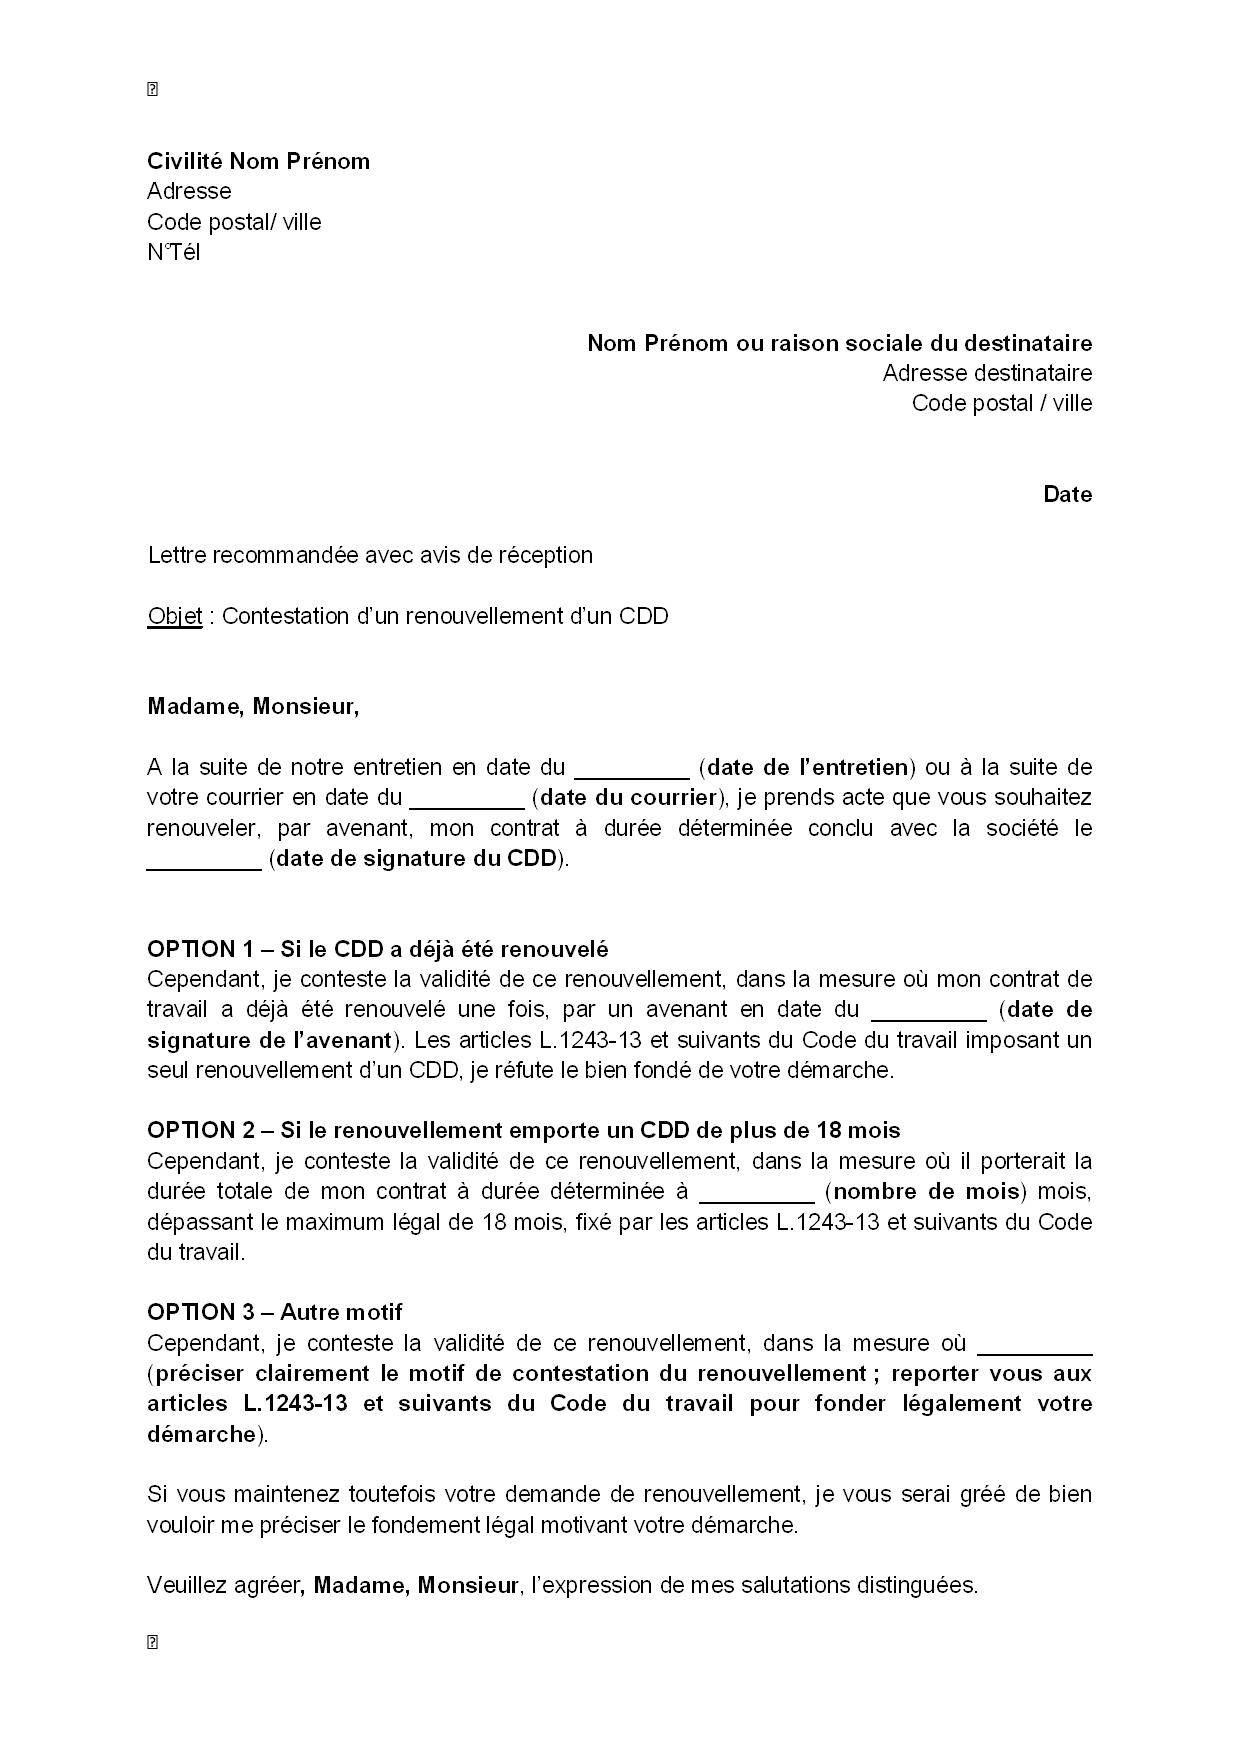 exemple gratuit de lettre contestation renouvellement un cdd